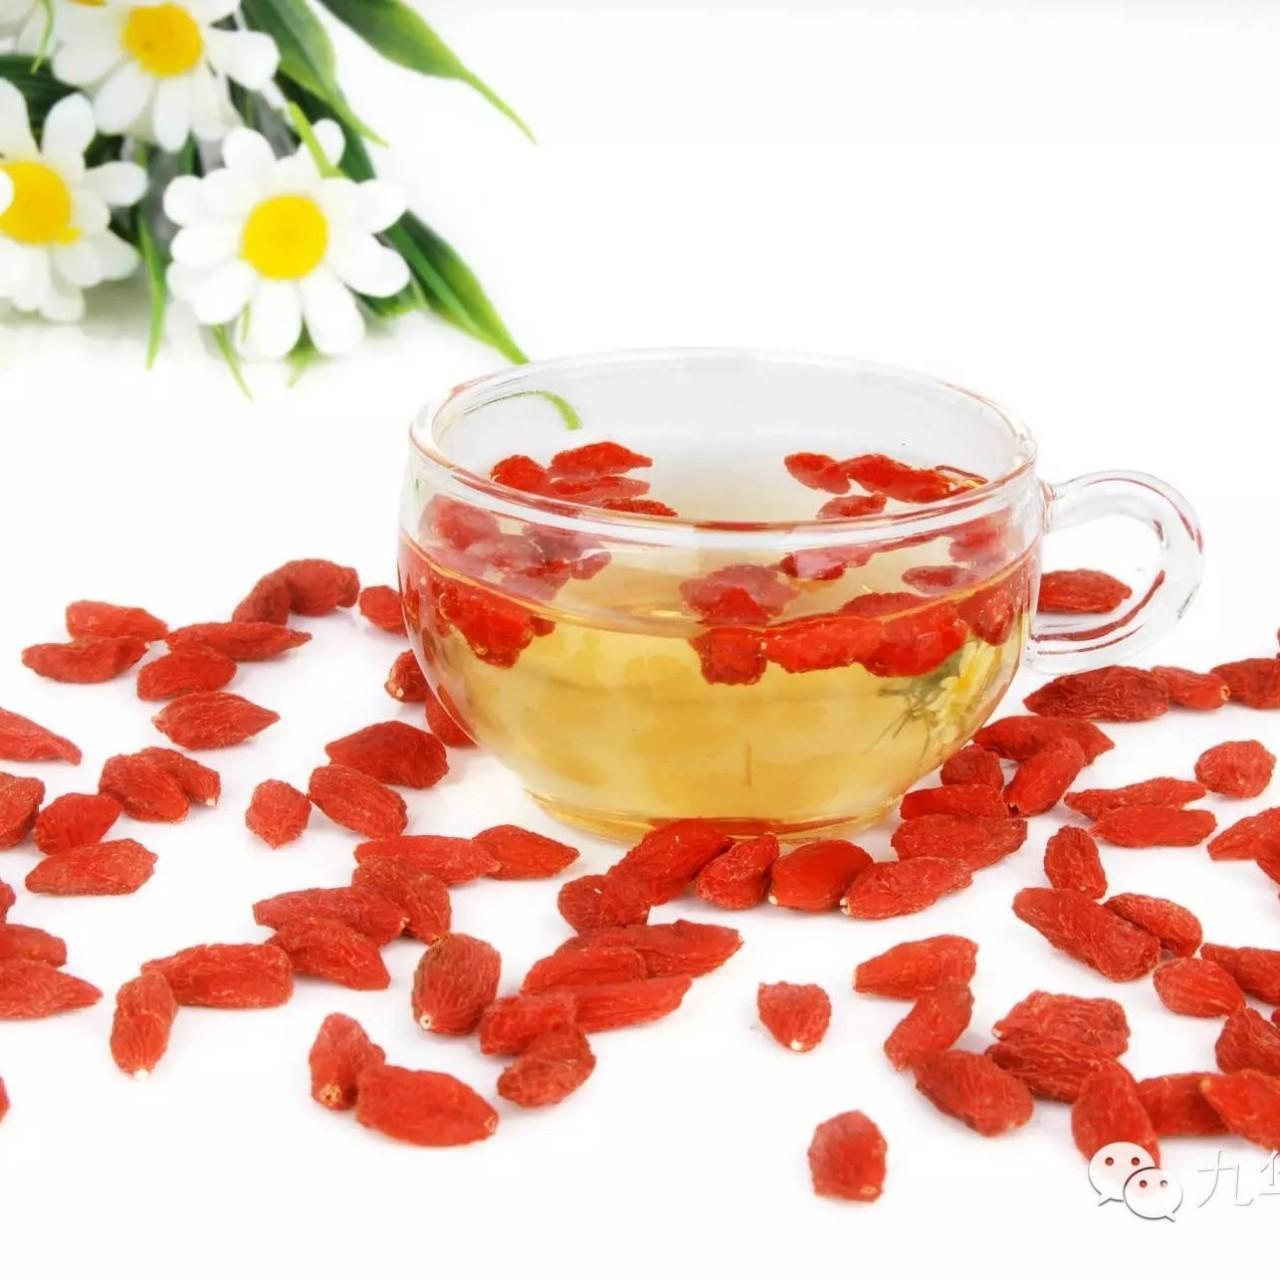 海鲸花蜂蜜 怎么辨别蜂蜜纯不纯 蜂蜜什么的好 结晶蜂蜜是假的吗 蜂蜜荸荠煮多长时间